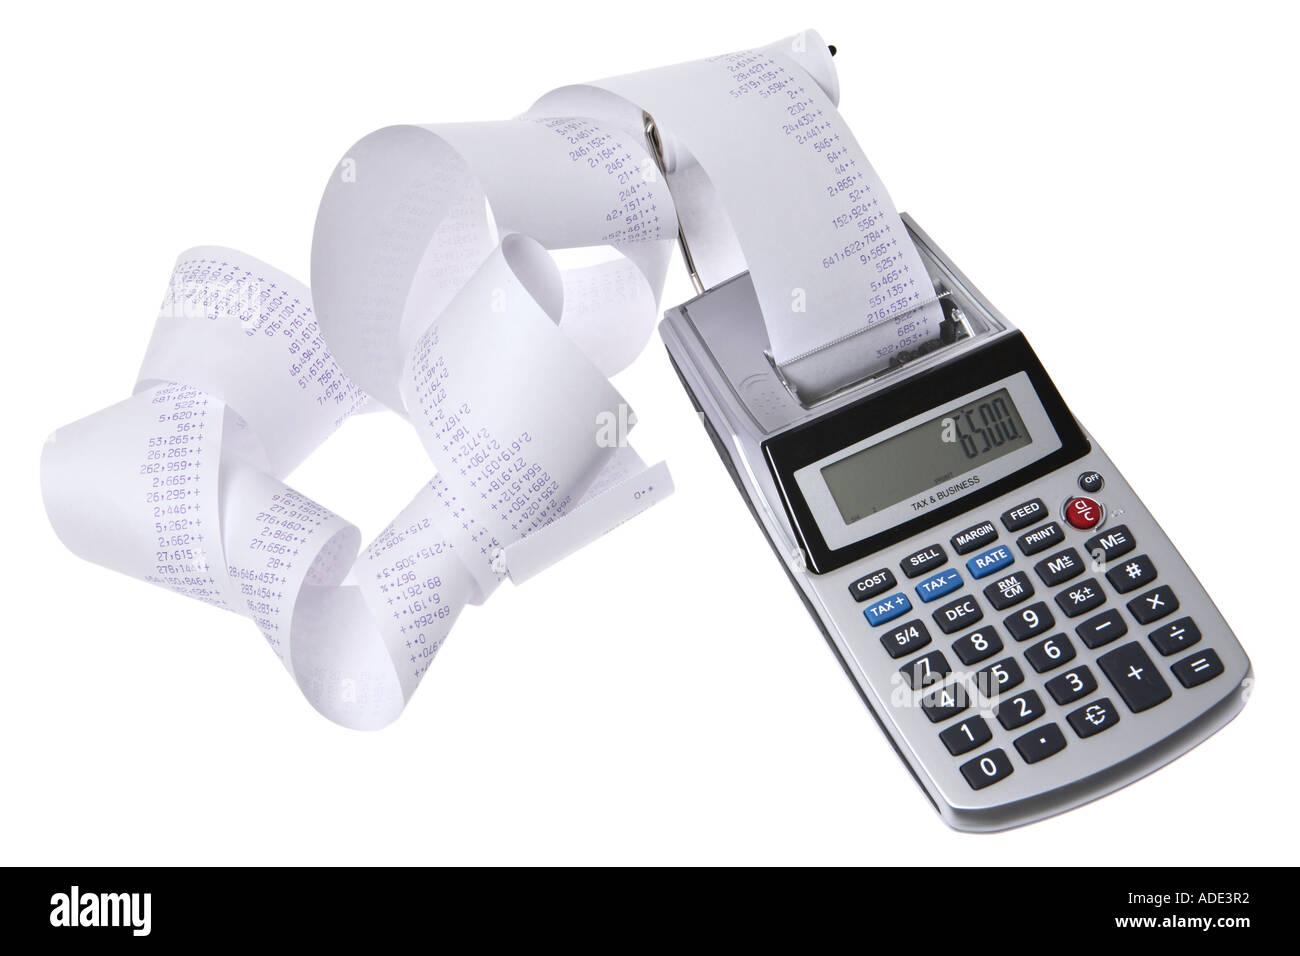 Calcolatrice con lunga ricevuta stampata Immagini Stock